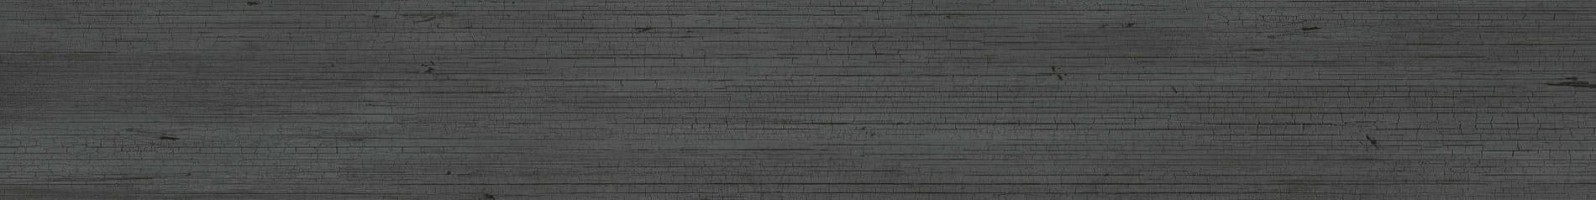 Керамогранит 4100121 1 Yaki Carbo 15x120 41ZERO42